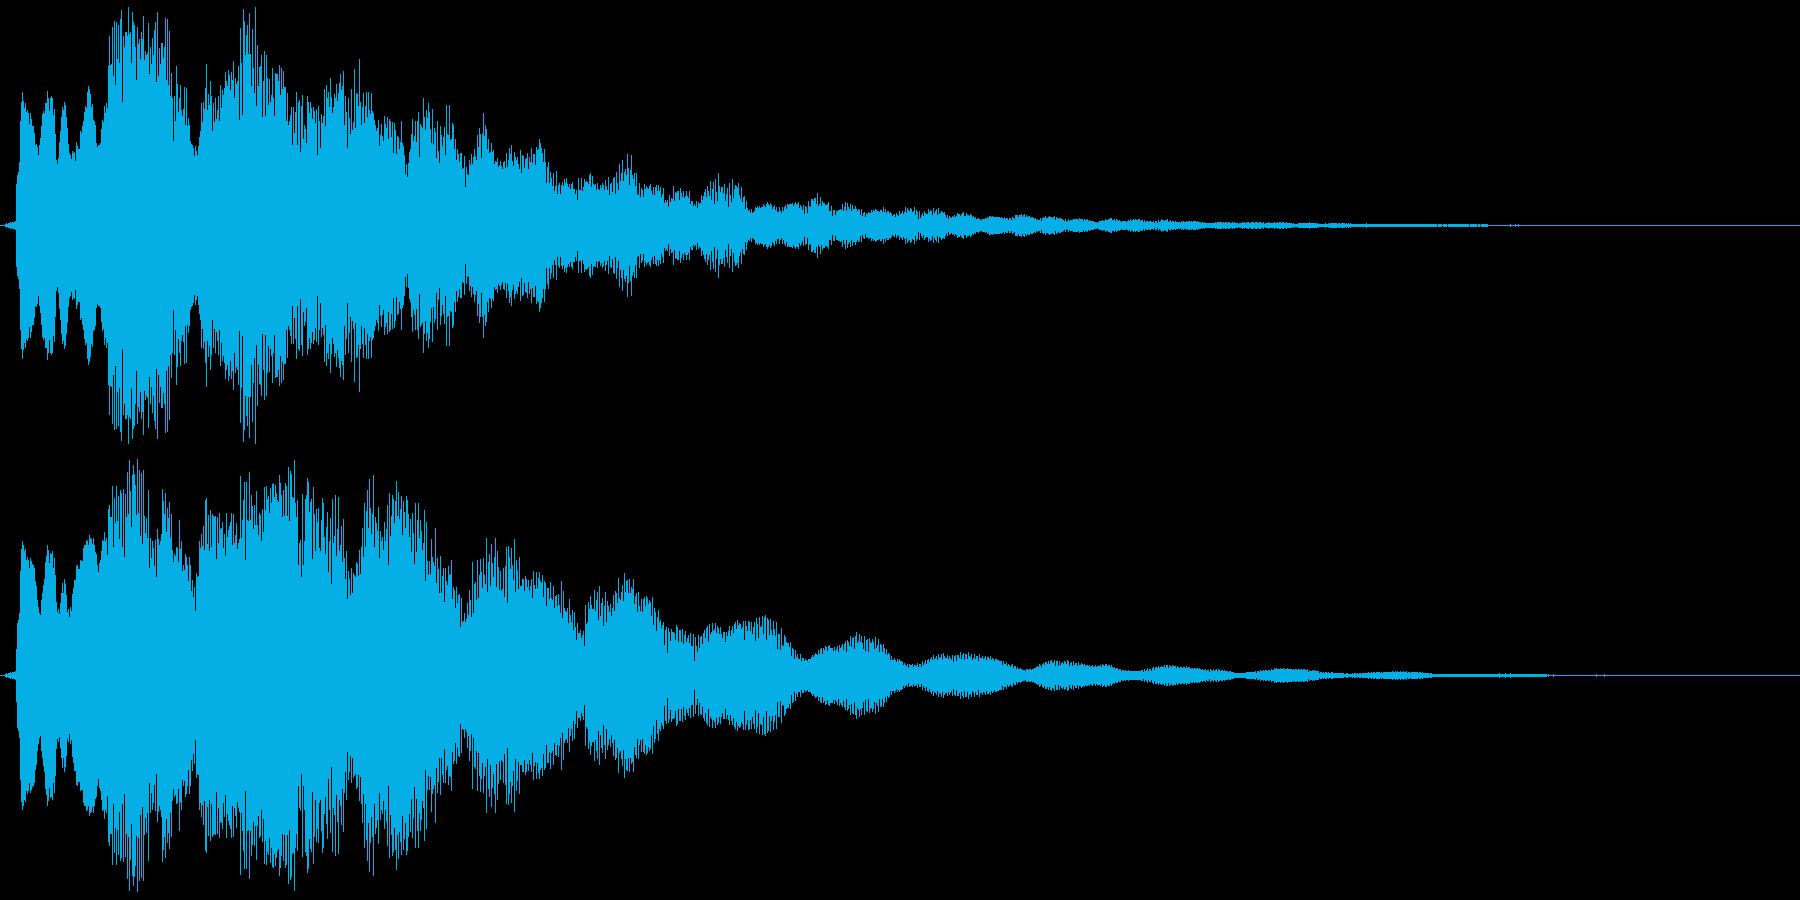 ティントンタンー(ベル)の再生済みの波形